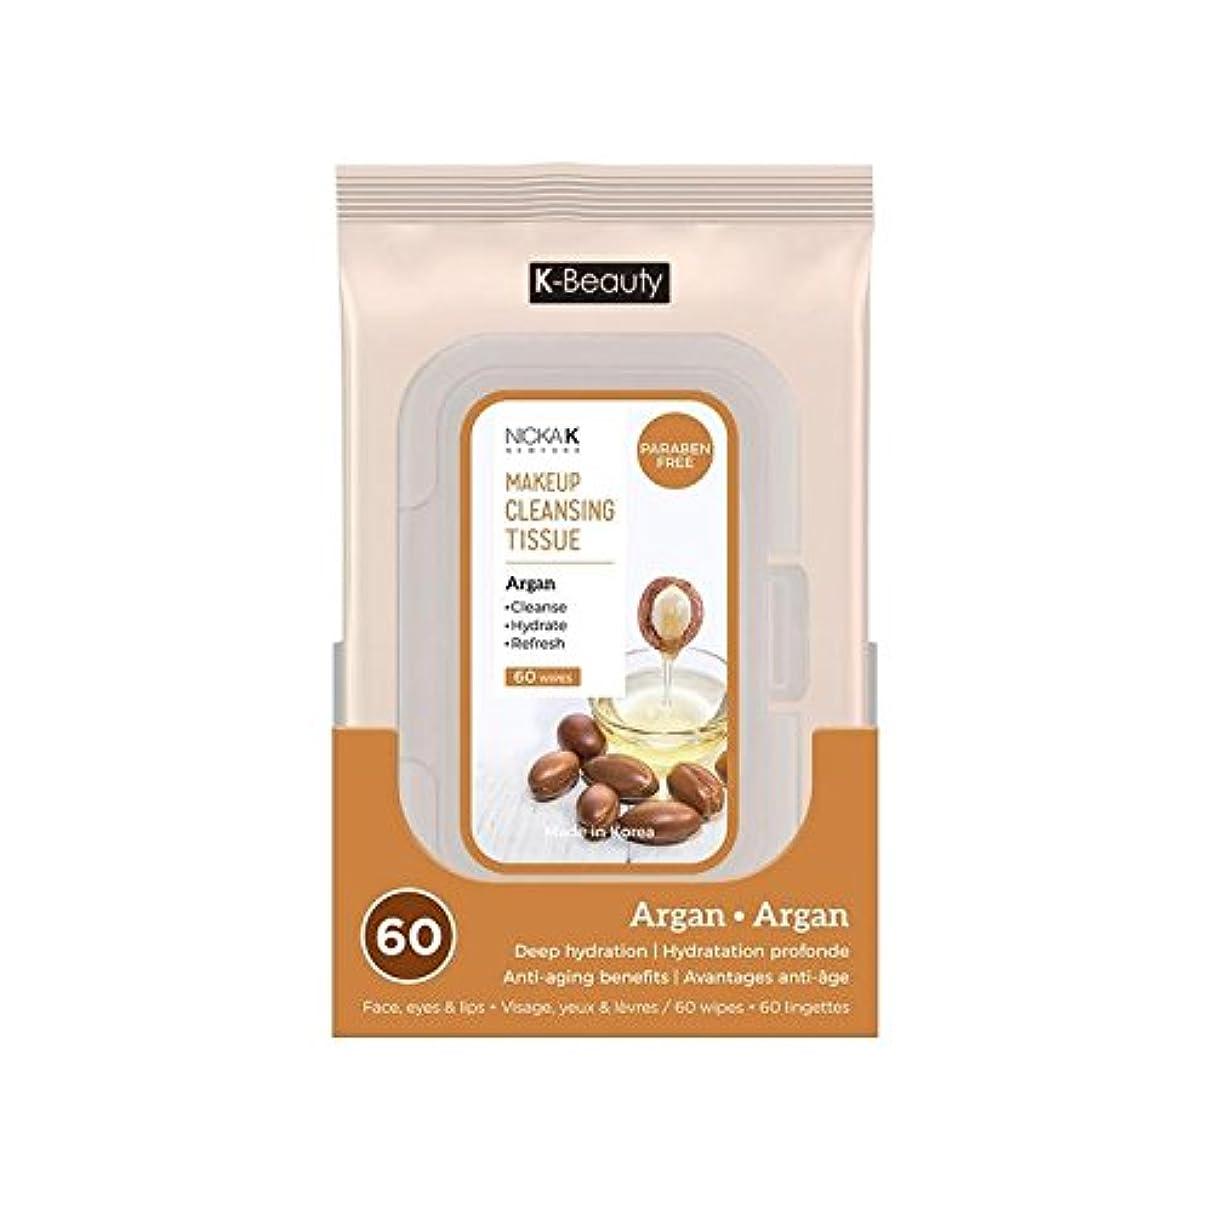 オーバーヘッド十分な販売員(3 Pack) NICKA K Make Up Cleansing Tissue - Argan (並行輸入品)